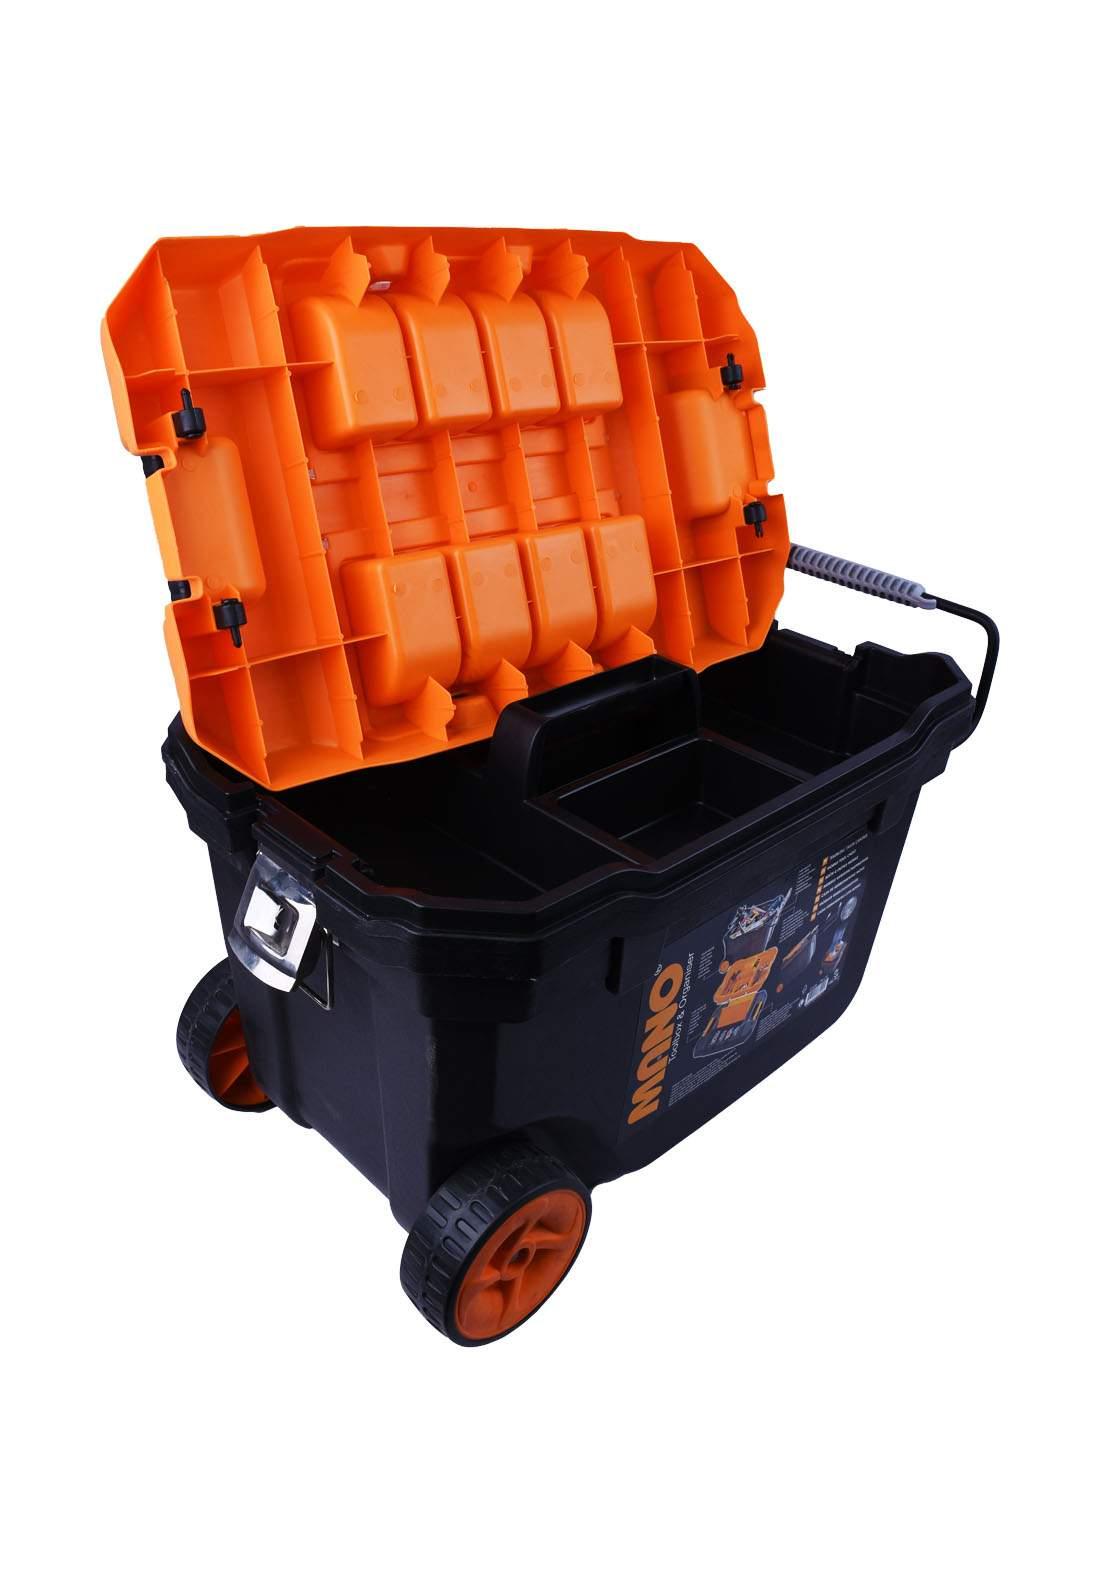 Mano TK-28 Wheeled Tool Bag حقيبة عدد مع عجلات